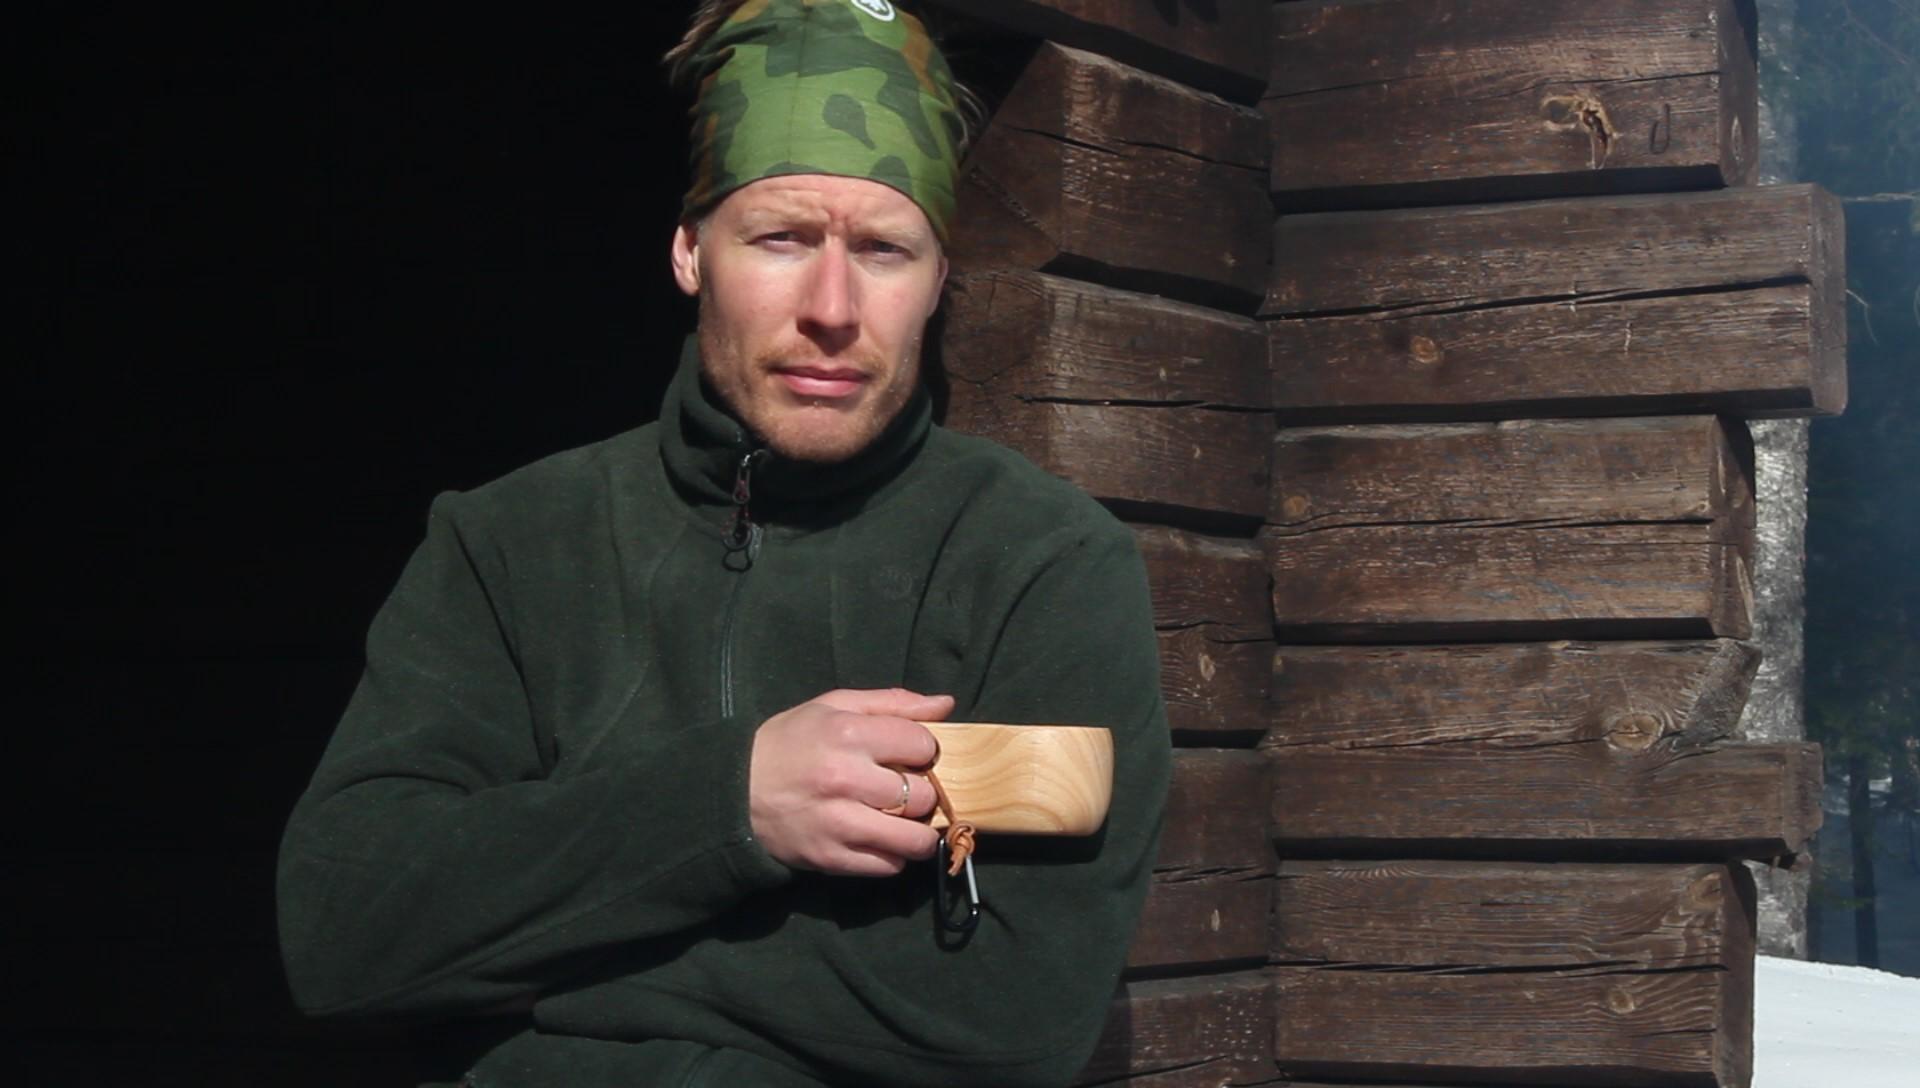 Warrior Knife haastaa perinteiset eräpuukot. Lue kehittäjan haastattelu.